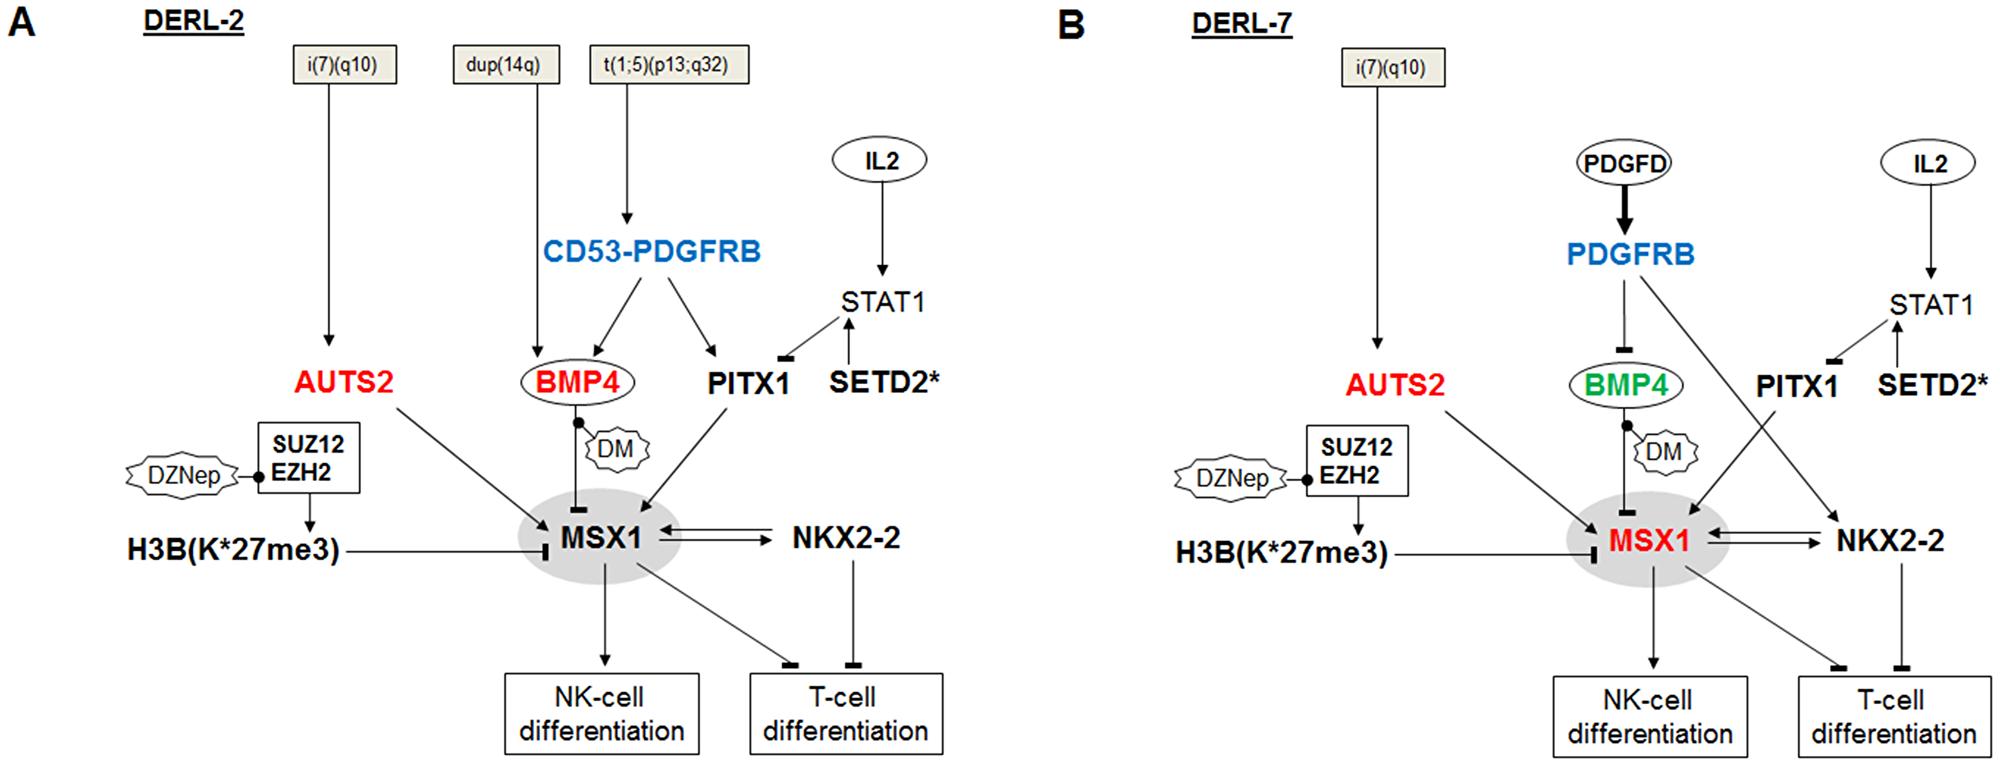 Aberrant gene regulatory networks in HSTL cell lines.